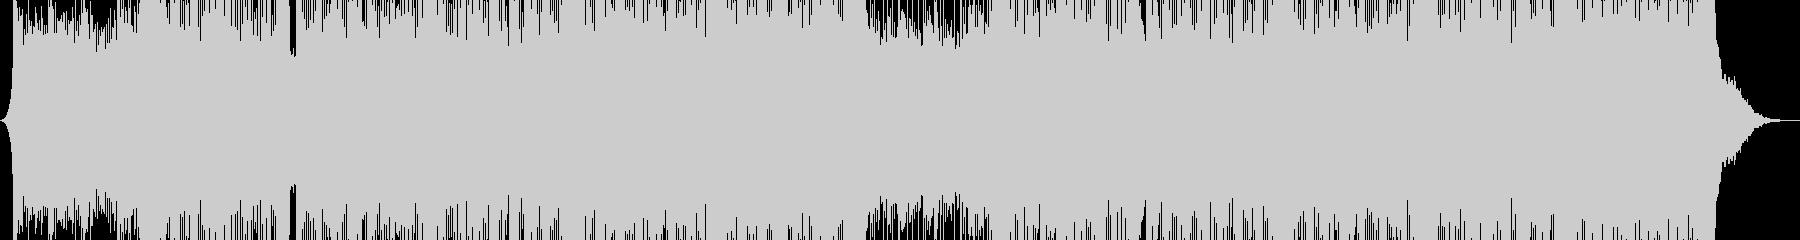 トラップの要素を持つヒップホップの未再生の波形